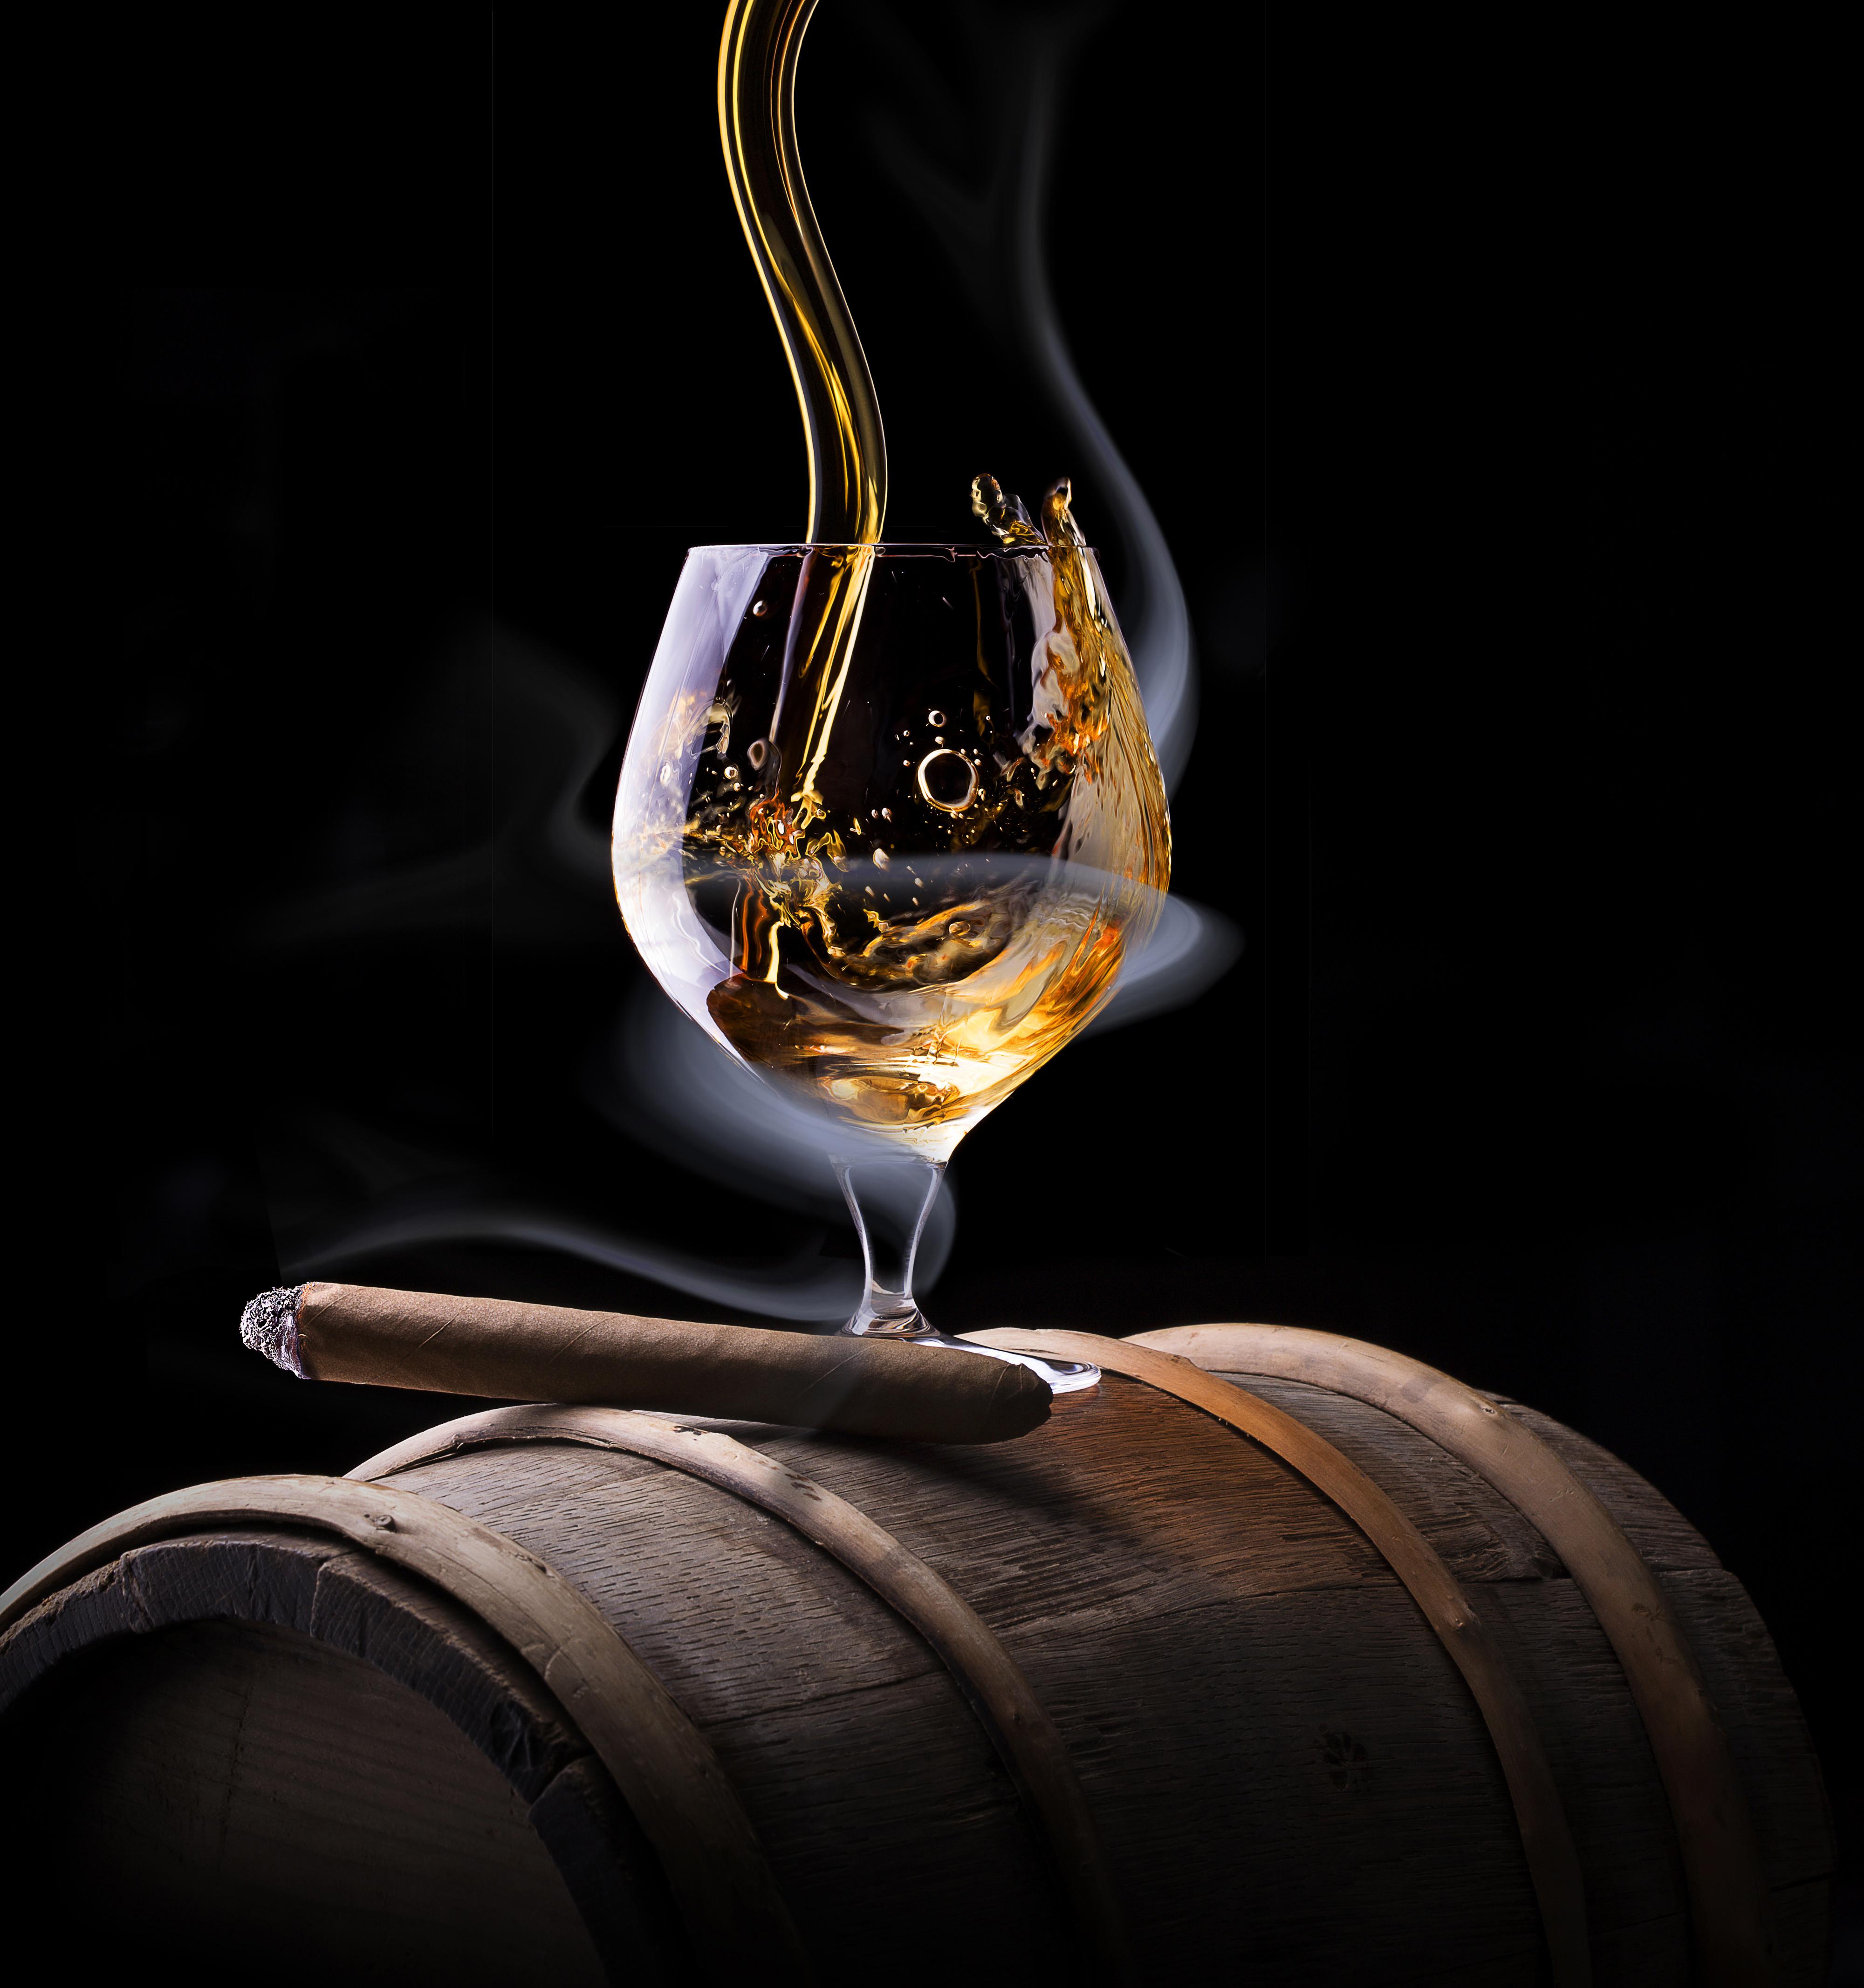 Фотографии сигары Алкогольные напитки Виски Дым Бокалы Продукты питания на черном фоне 4000x4267 Сигара сигарой Еда Пища дымит бокал Черный фон